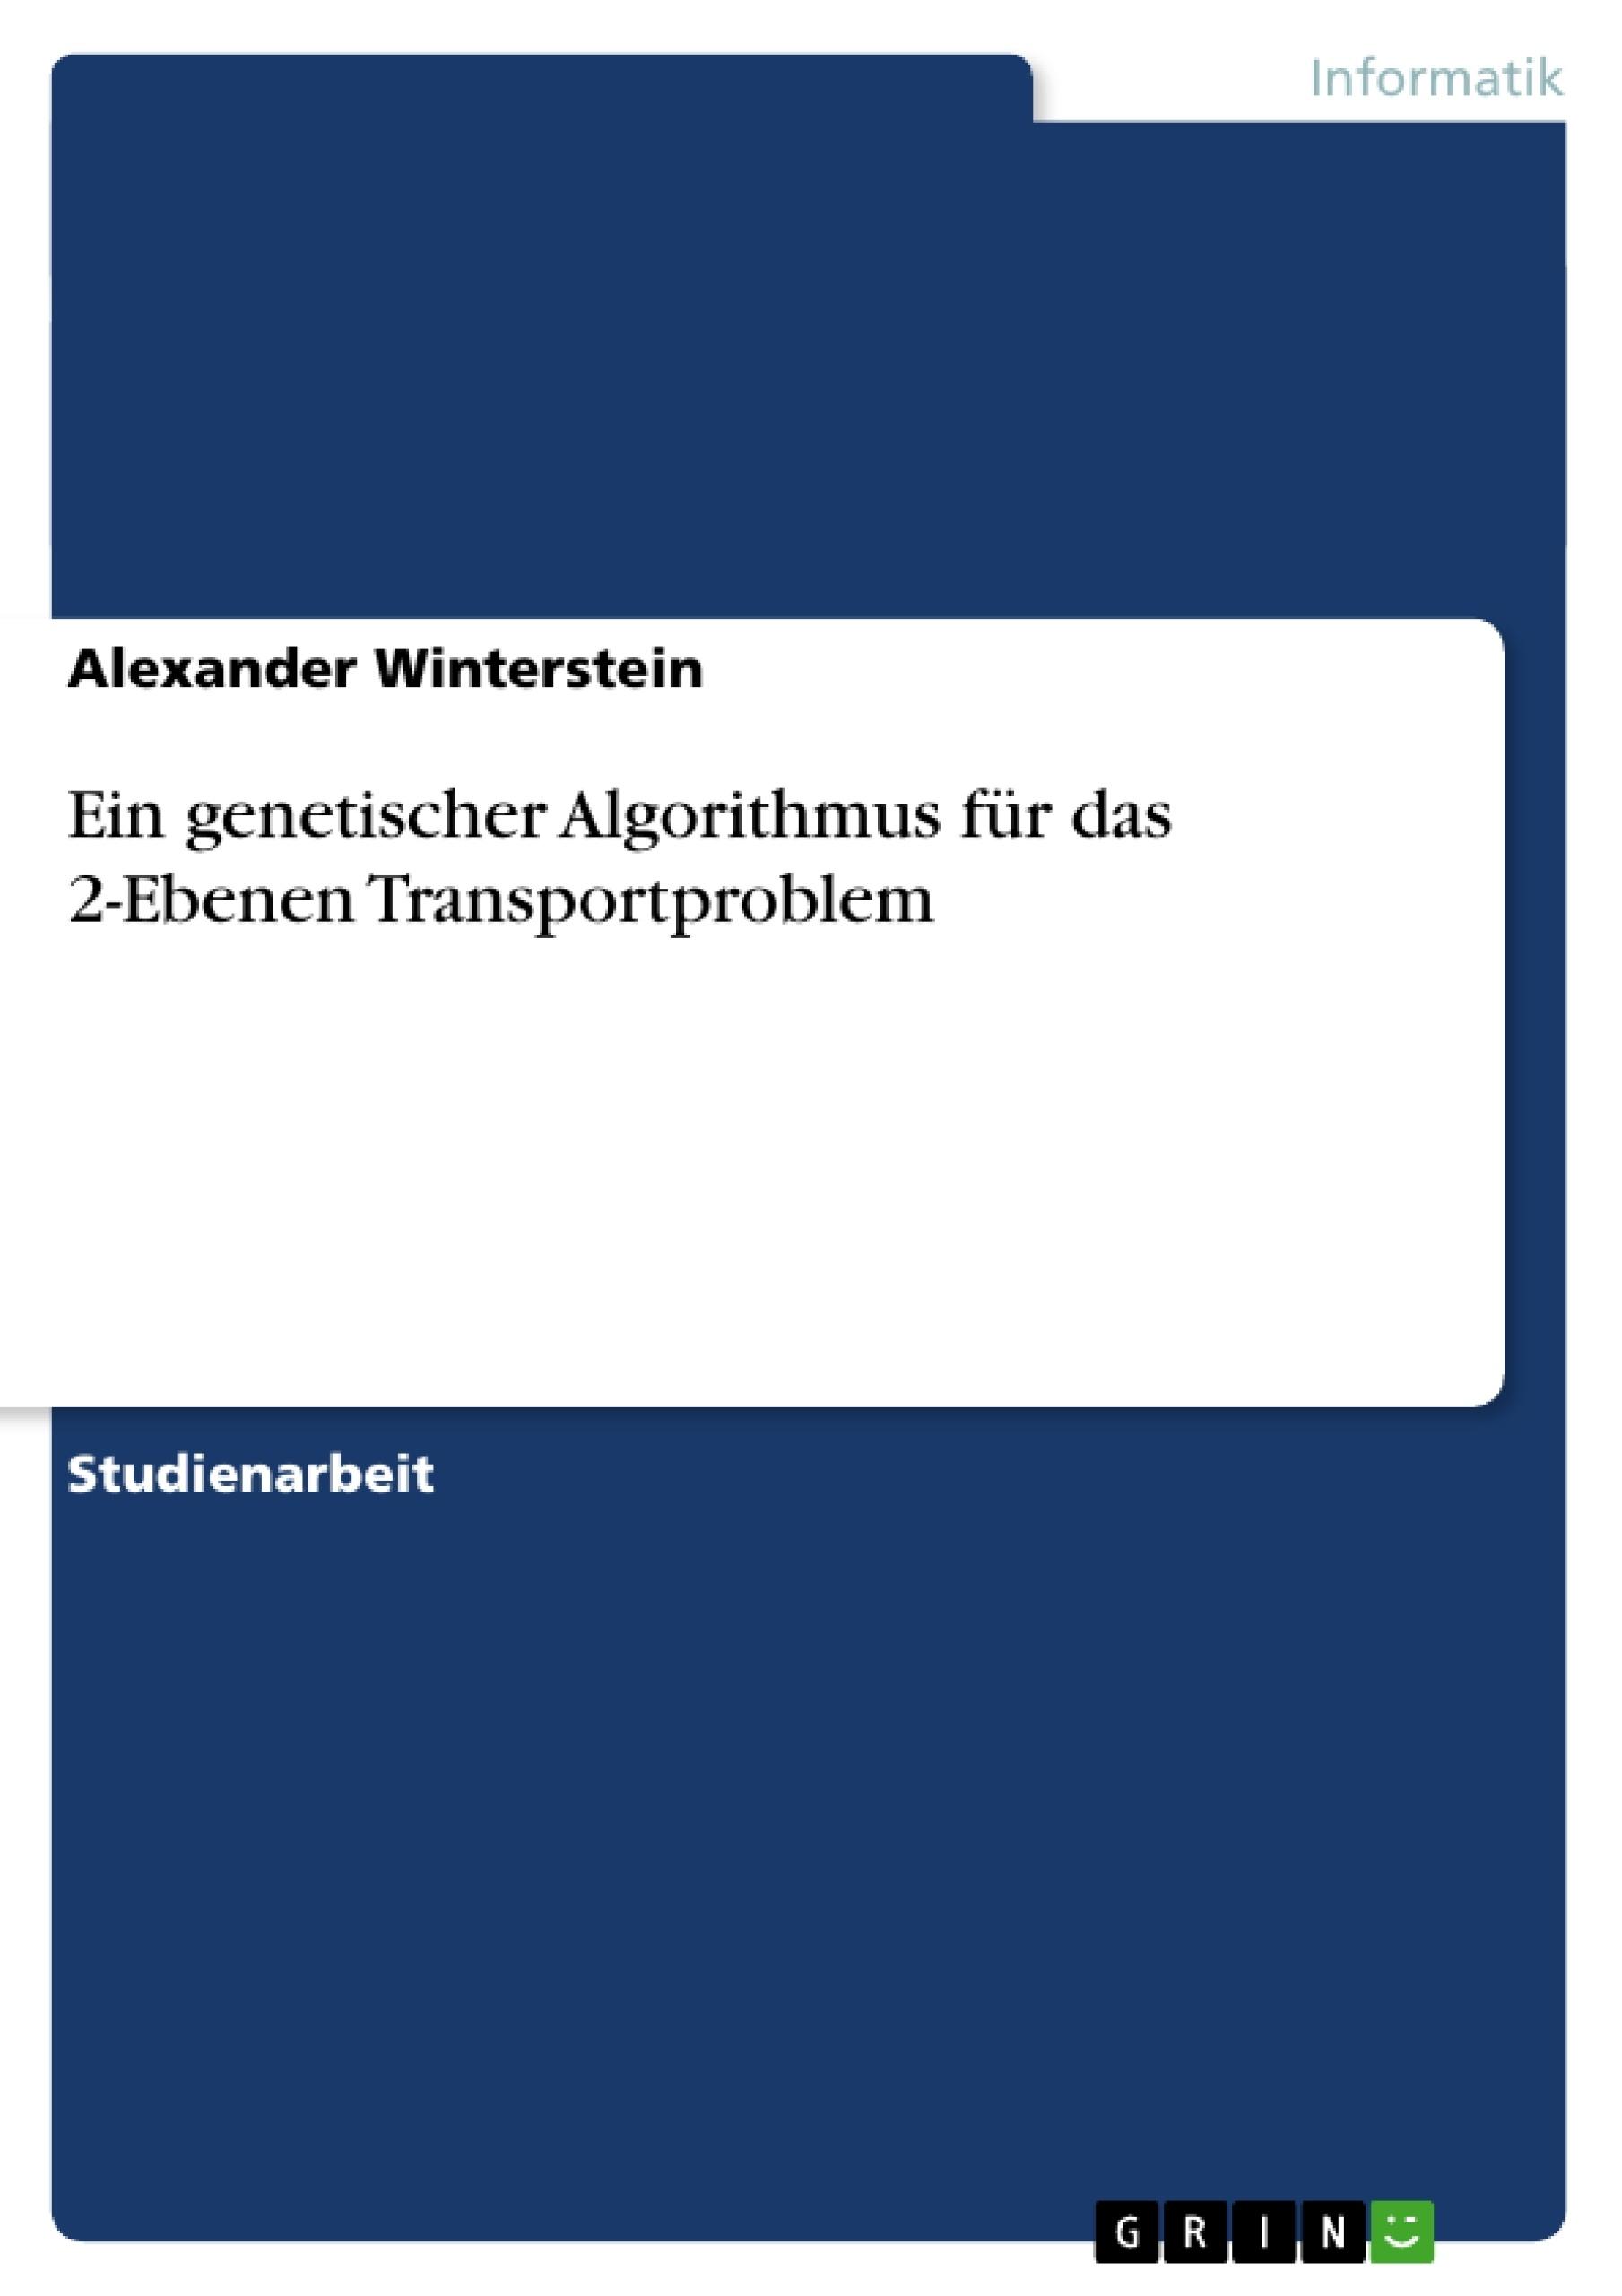 Titel: Ein genetischer Algorithmus für das 2-Ebenen Transportproblem